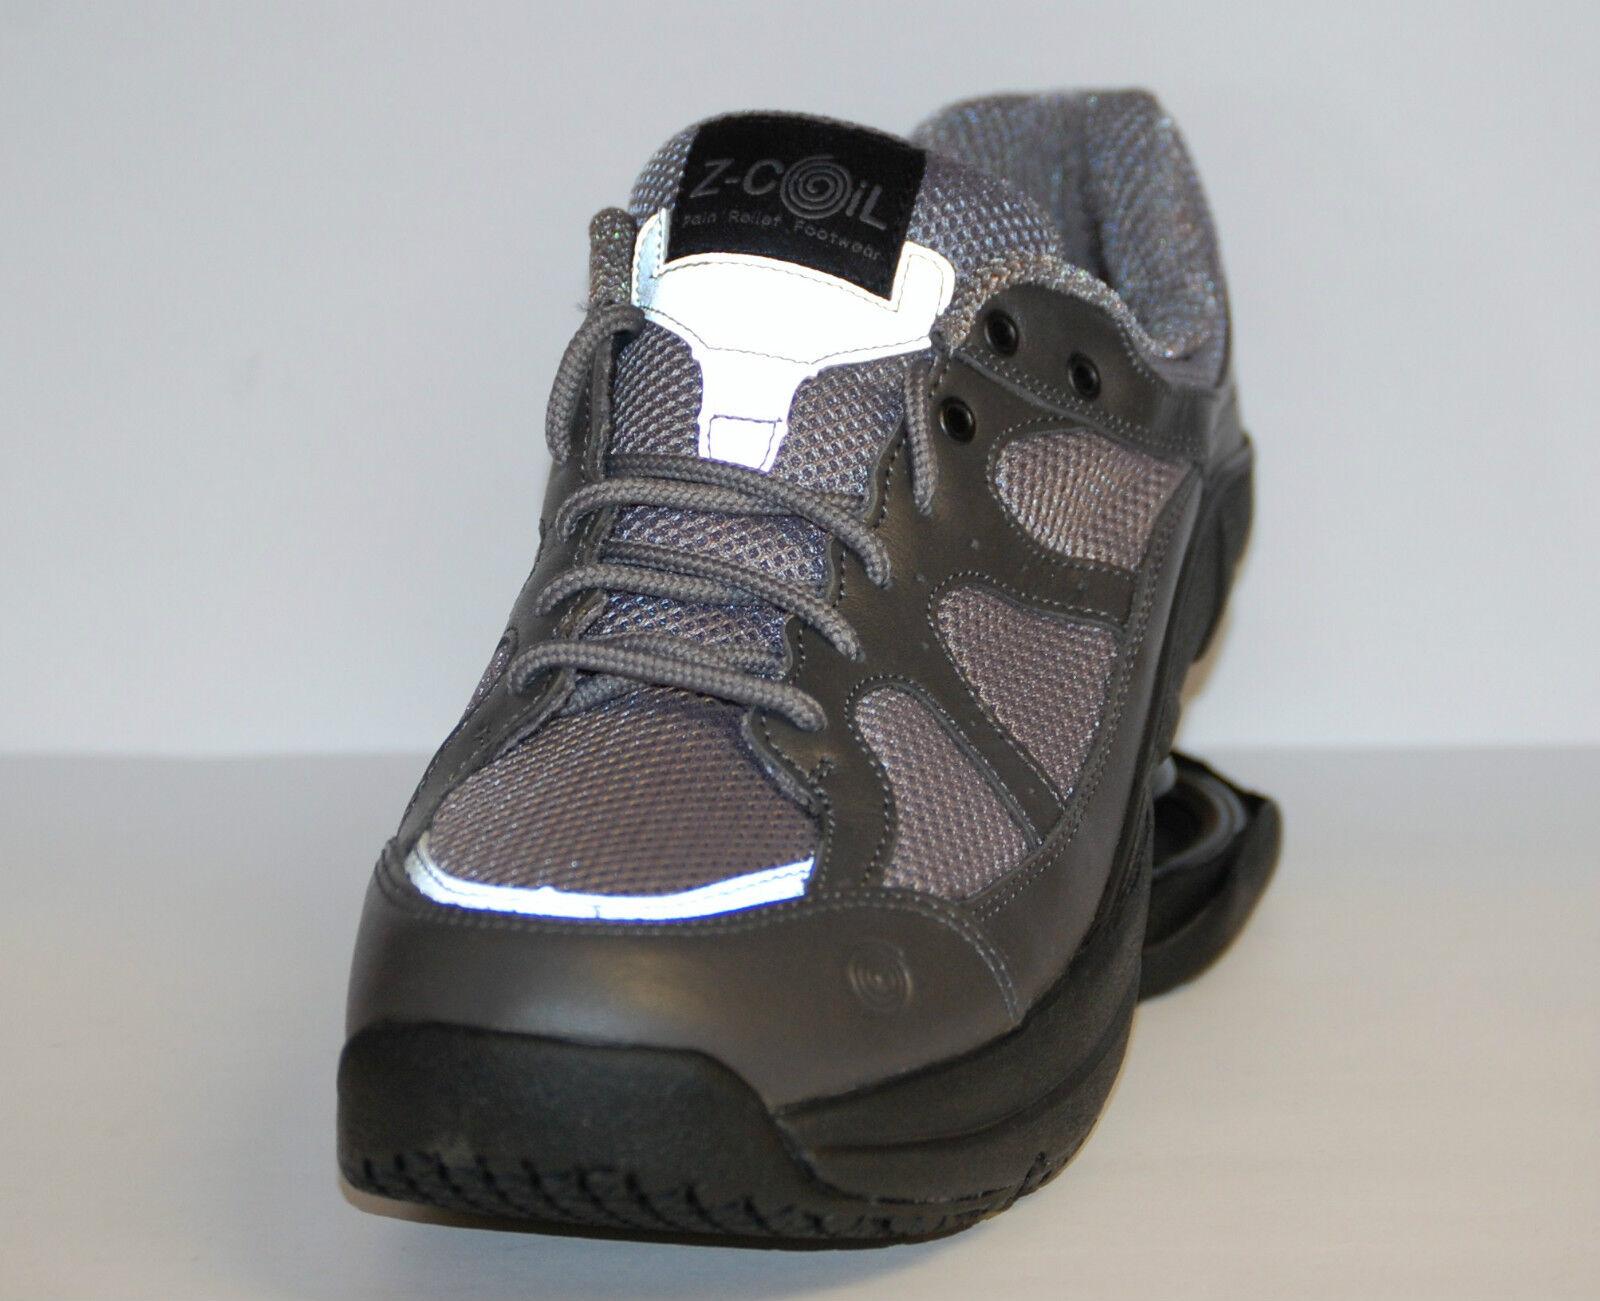 Z-Coil Liberty FW-K1004 Men's Size 14 Gray Leather & mesh Walk/Run Shoe